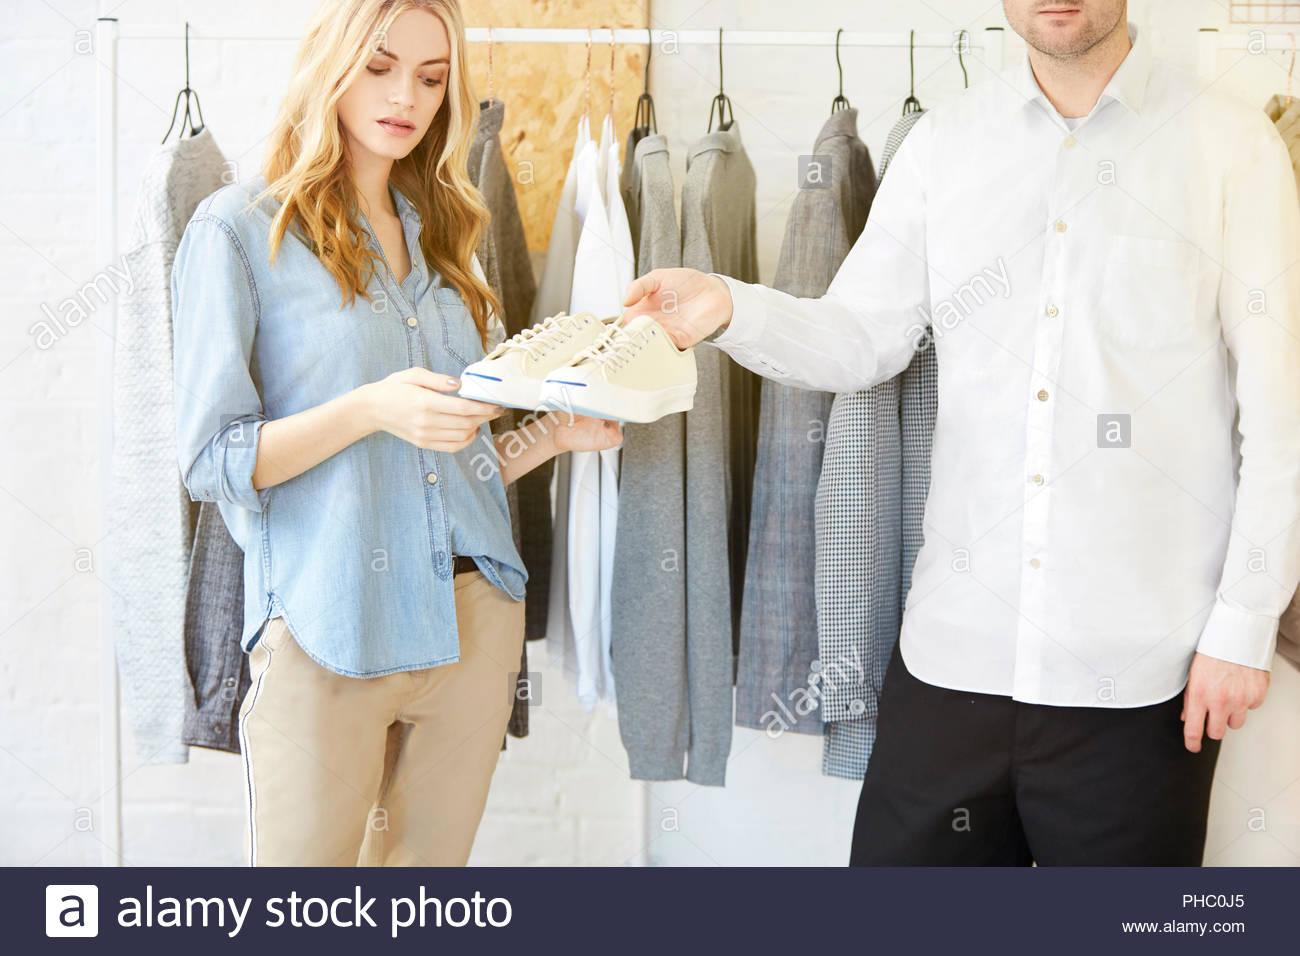 Giovane donna viene consegnato le scarpe di shop assistant. Immagini Stock